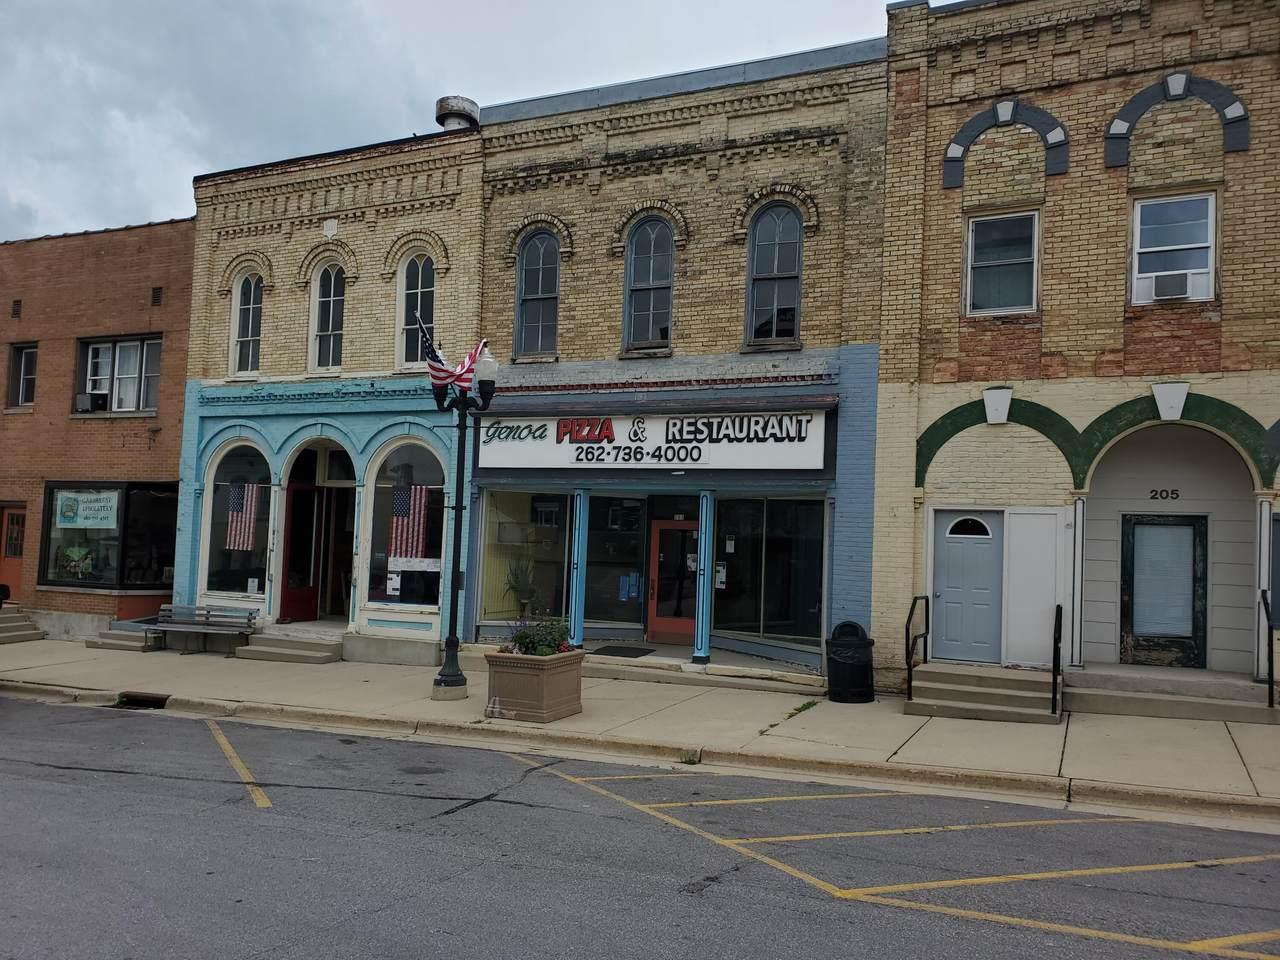 203 Baldwin St - Photo 1